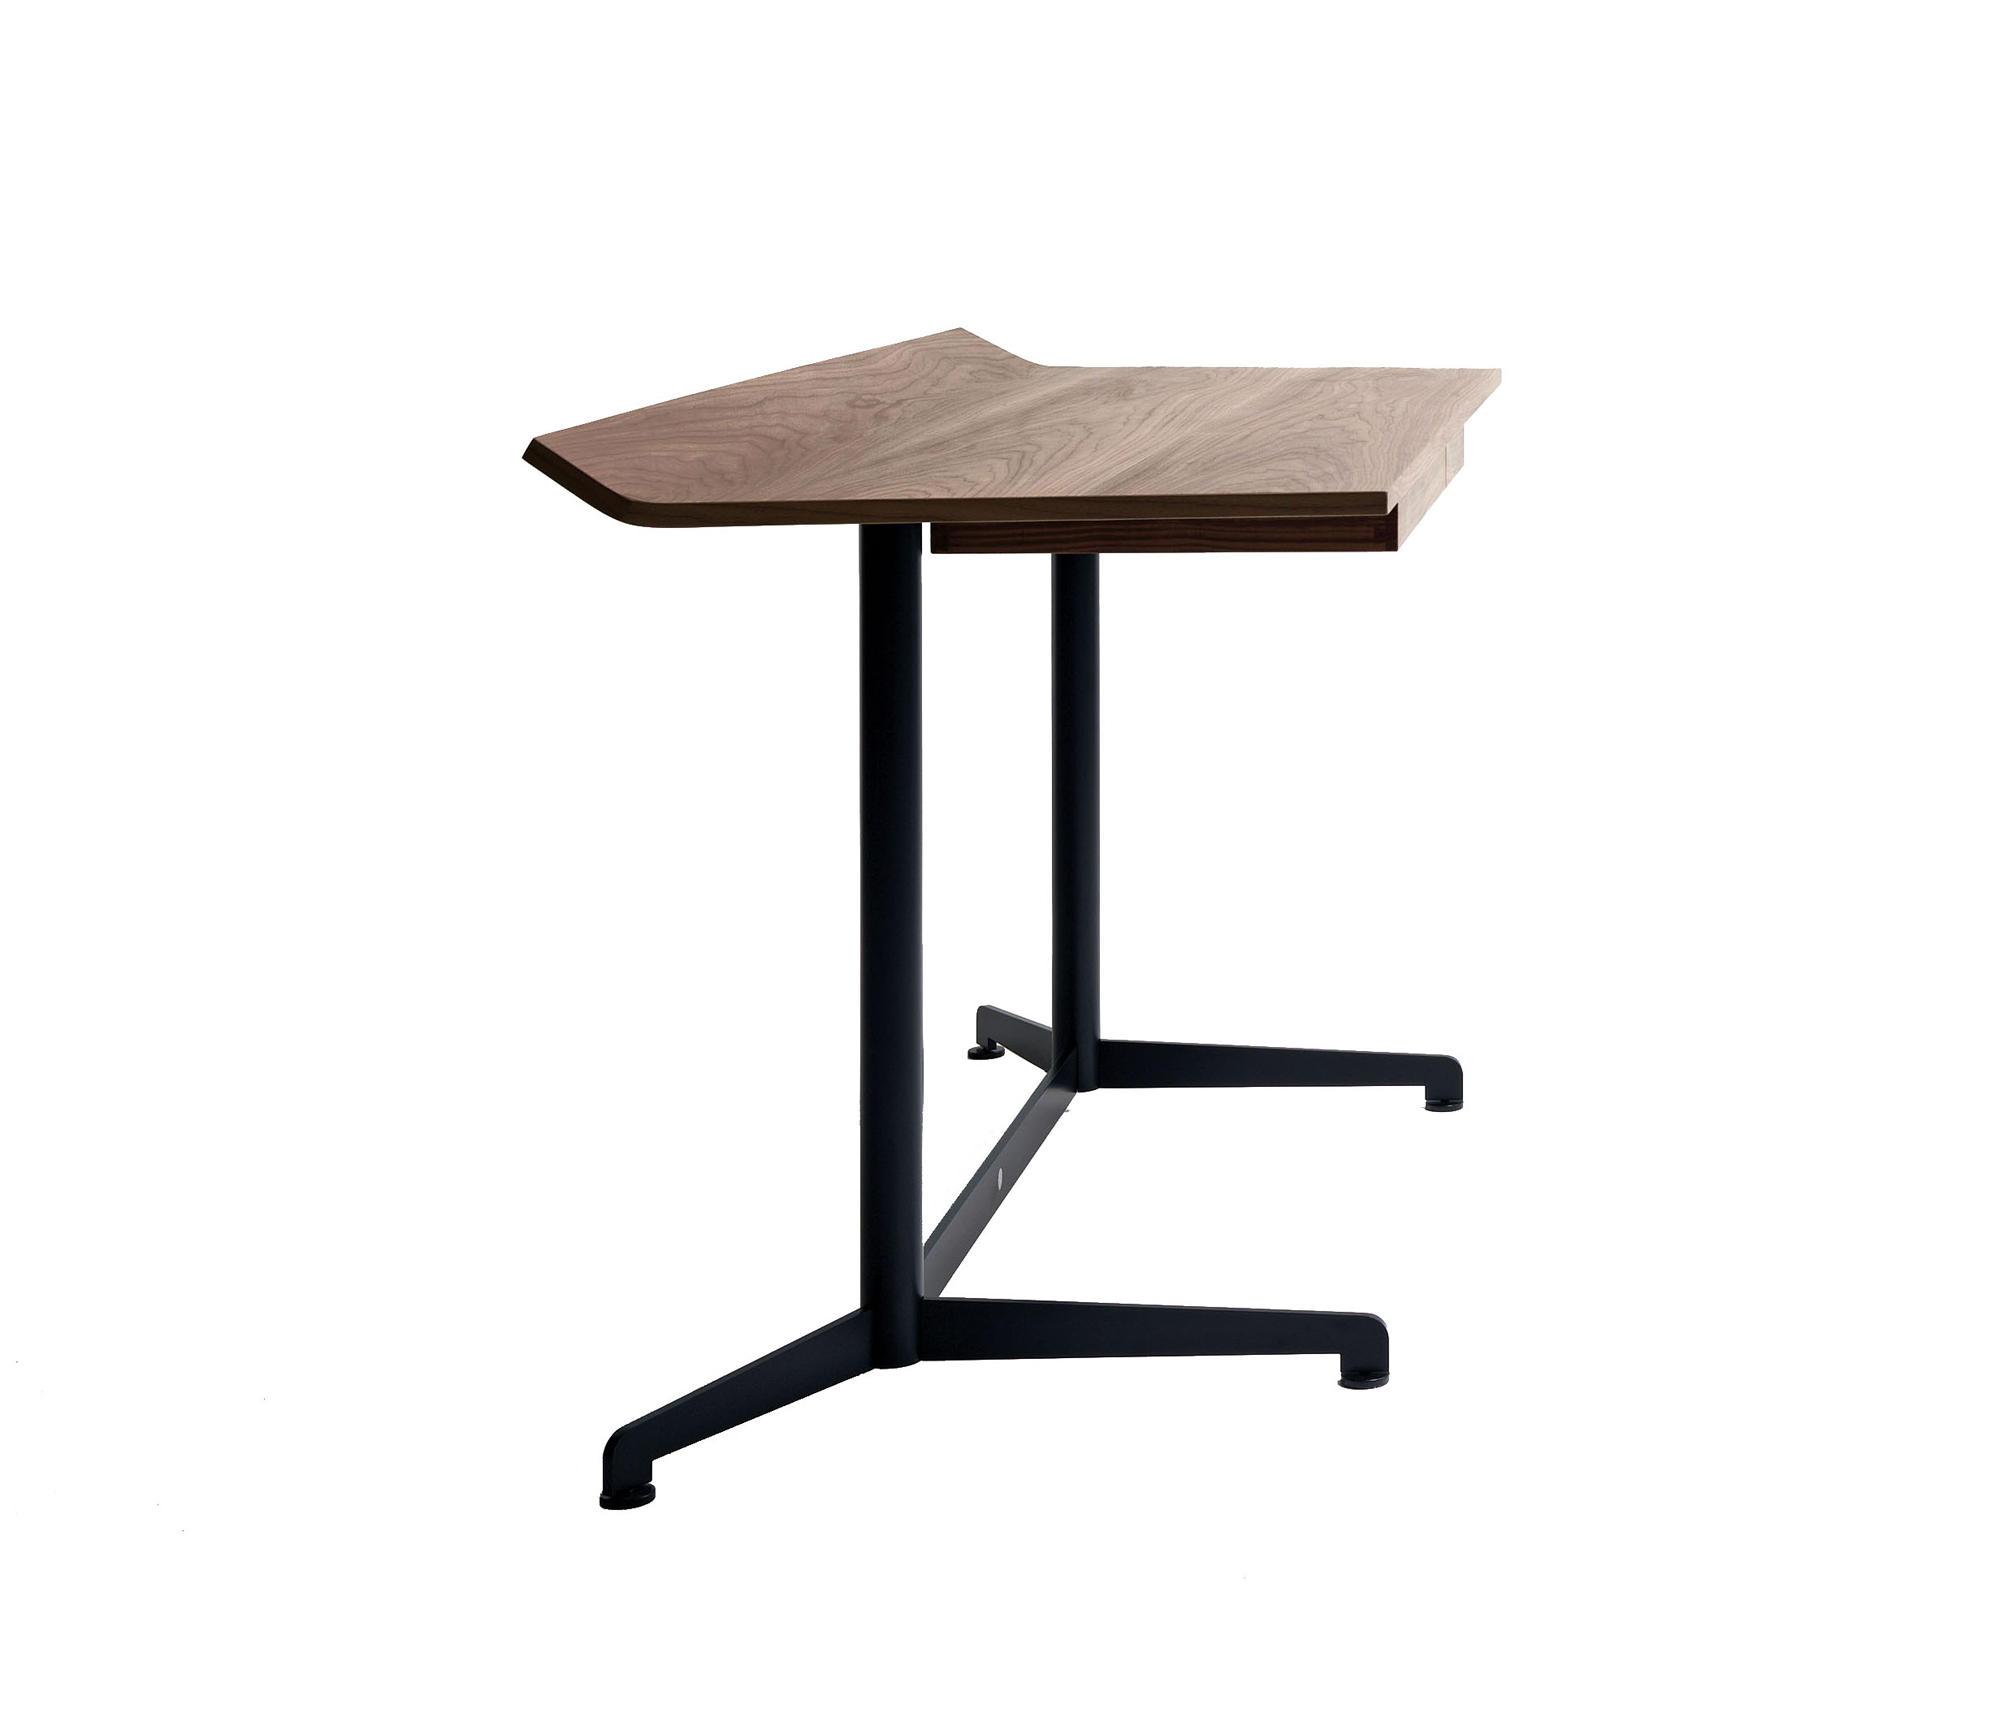 Tavoli per pc la migliore tecno mobili per ufficio idee e for Melaminico wikipedia